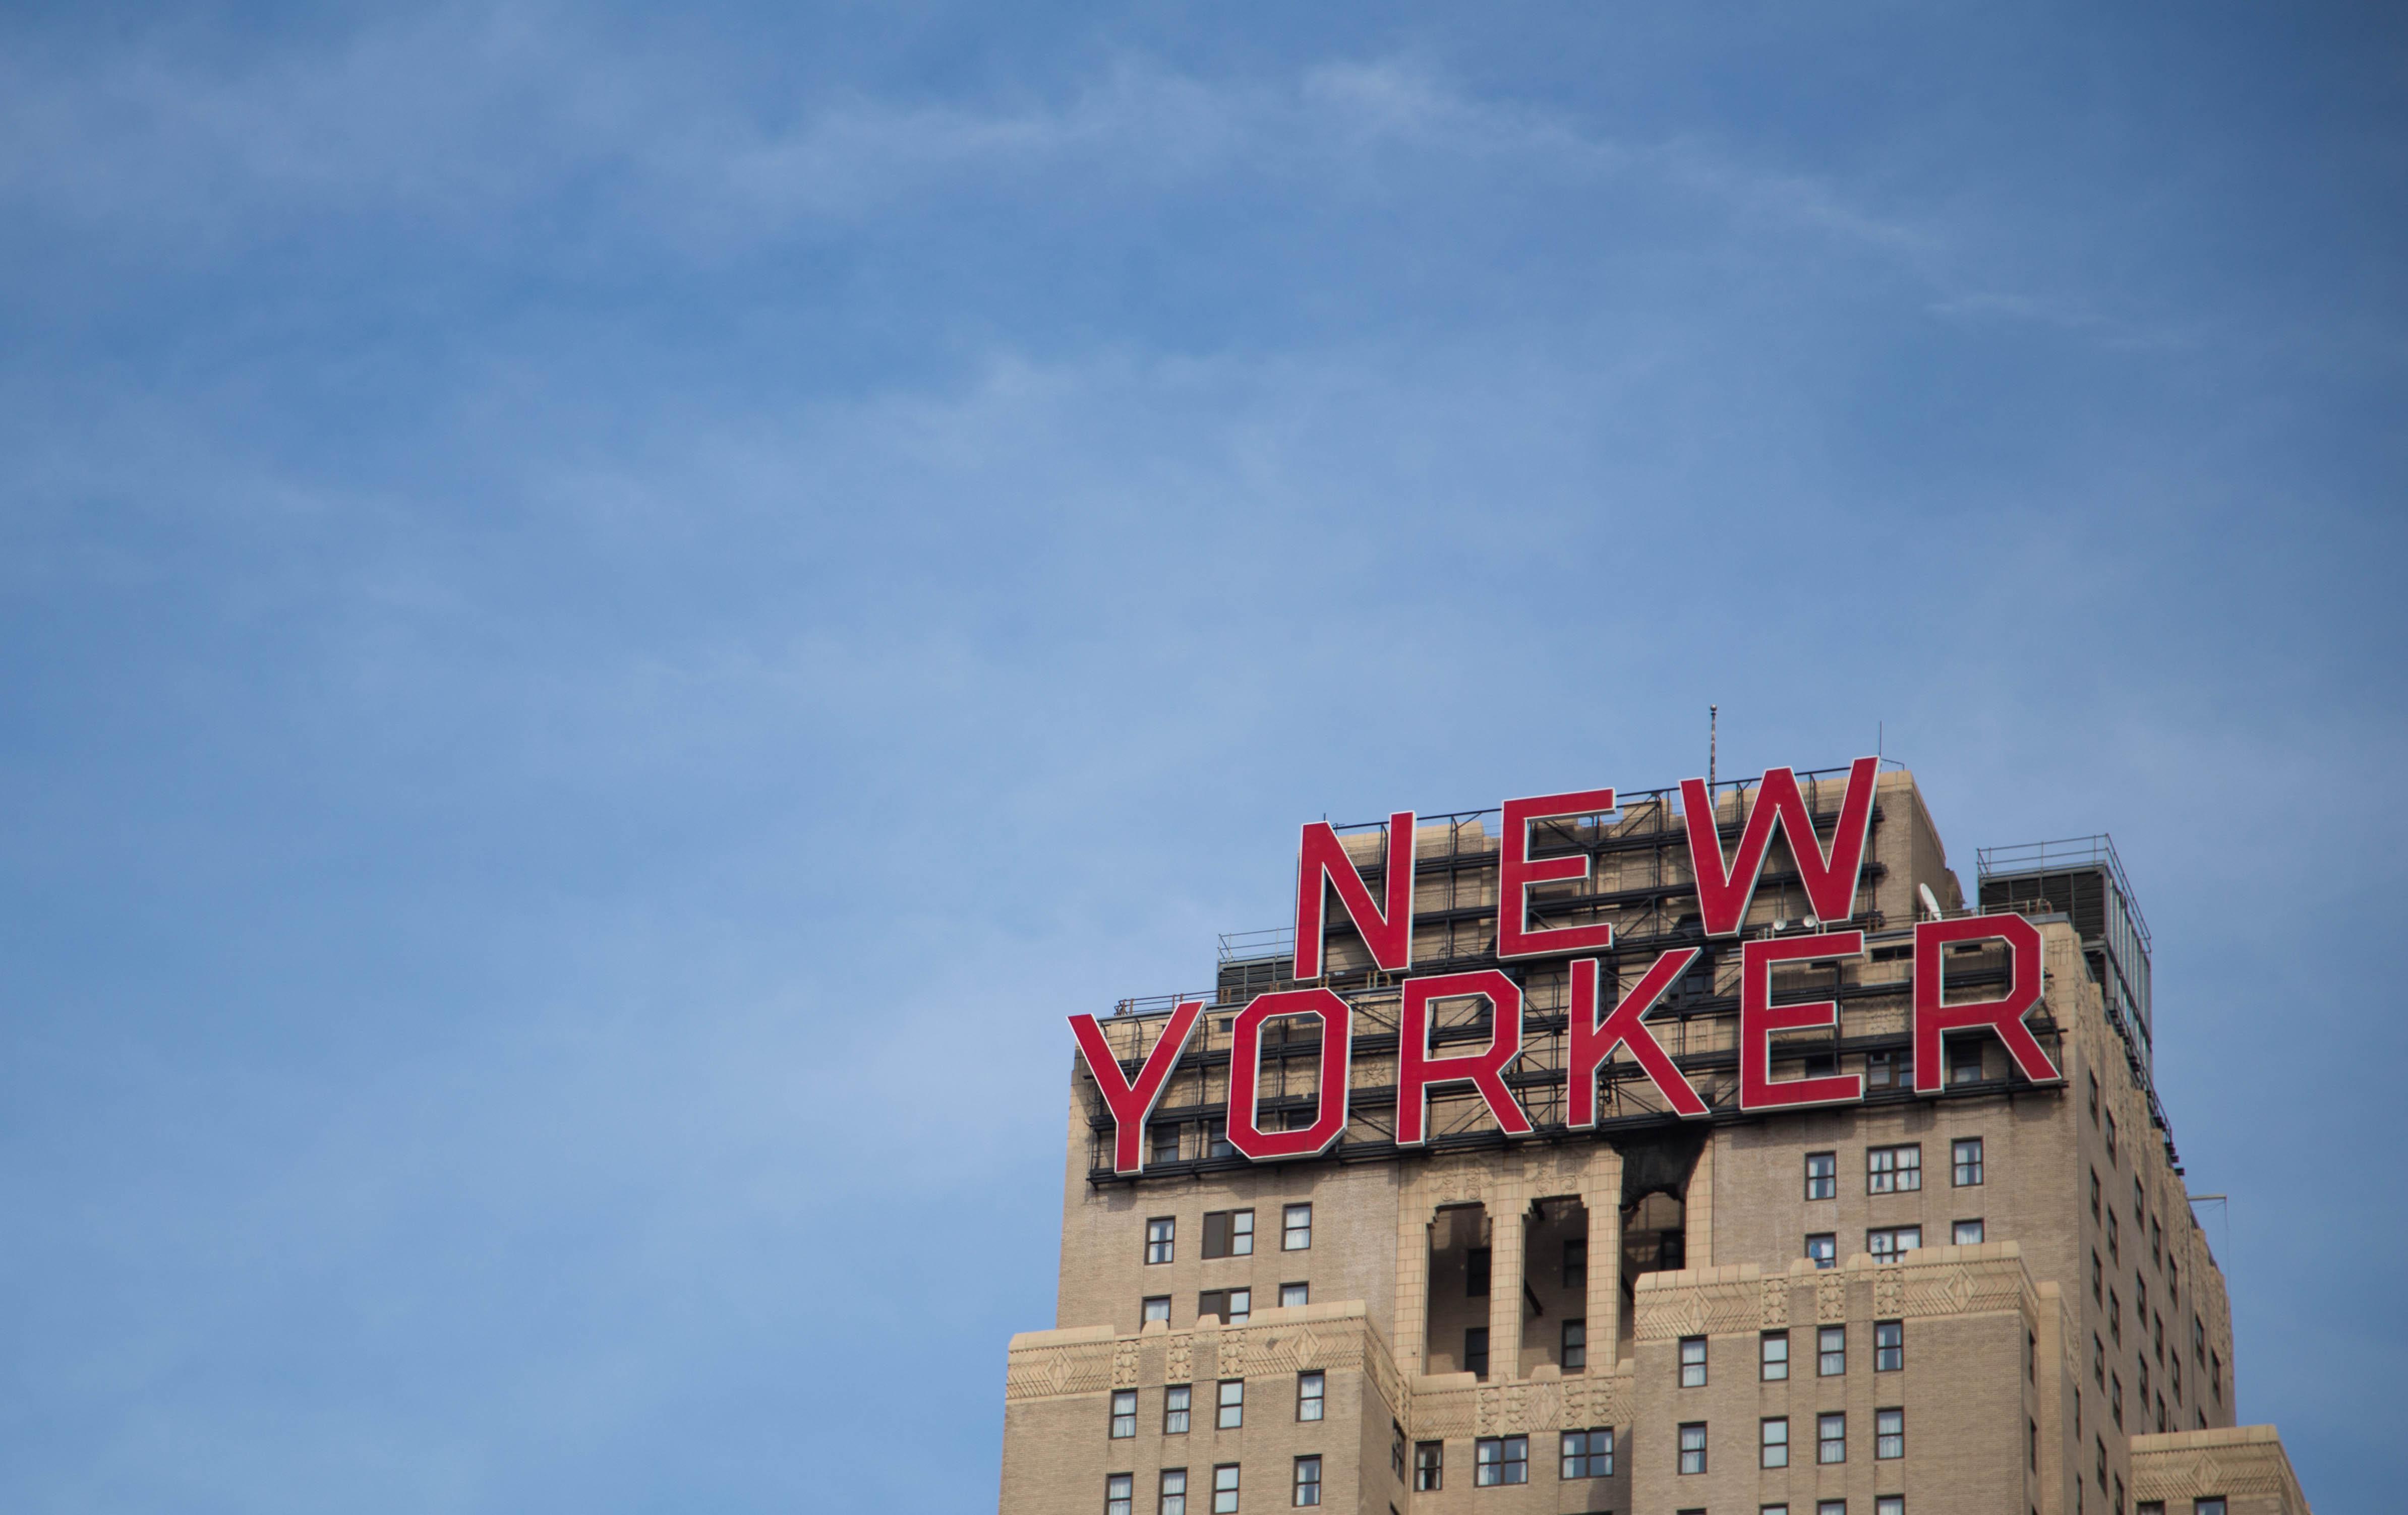 Anbefalinger til New York City